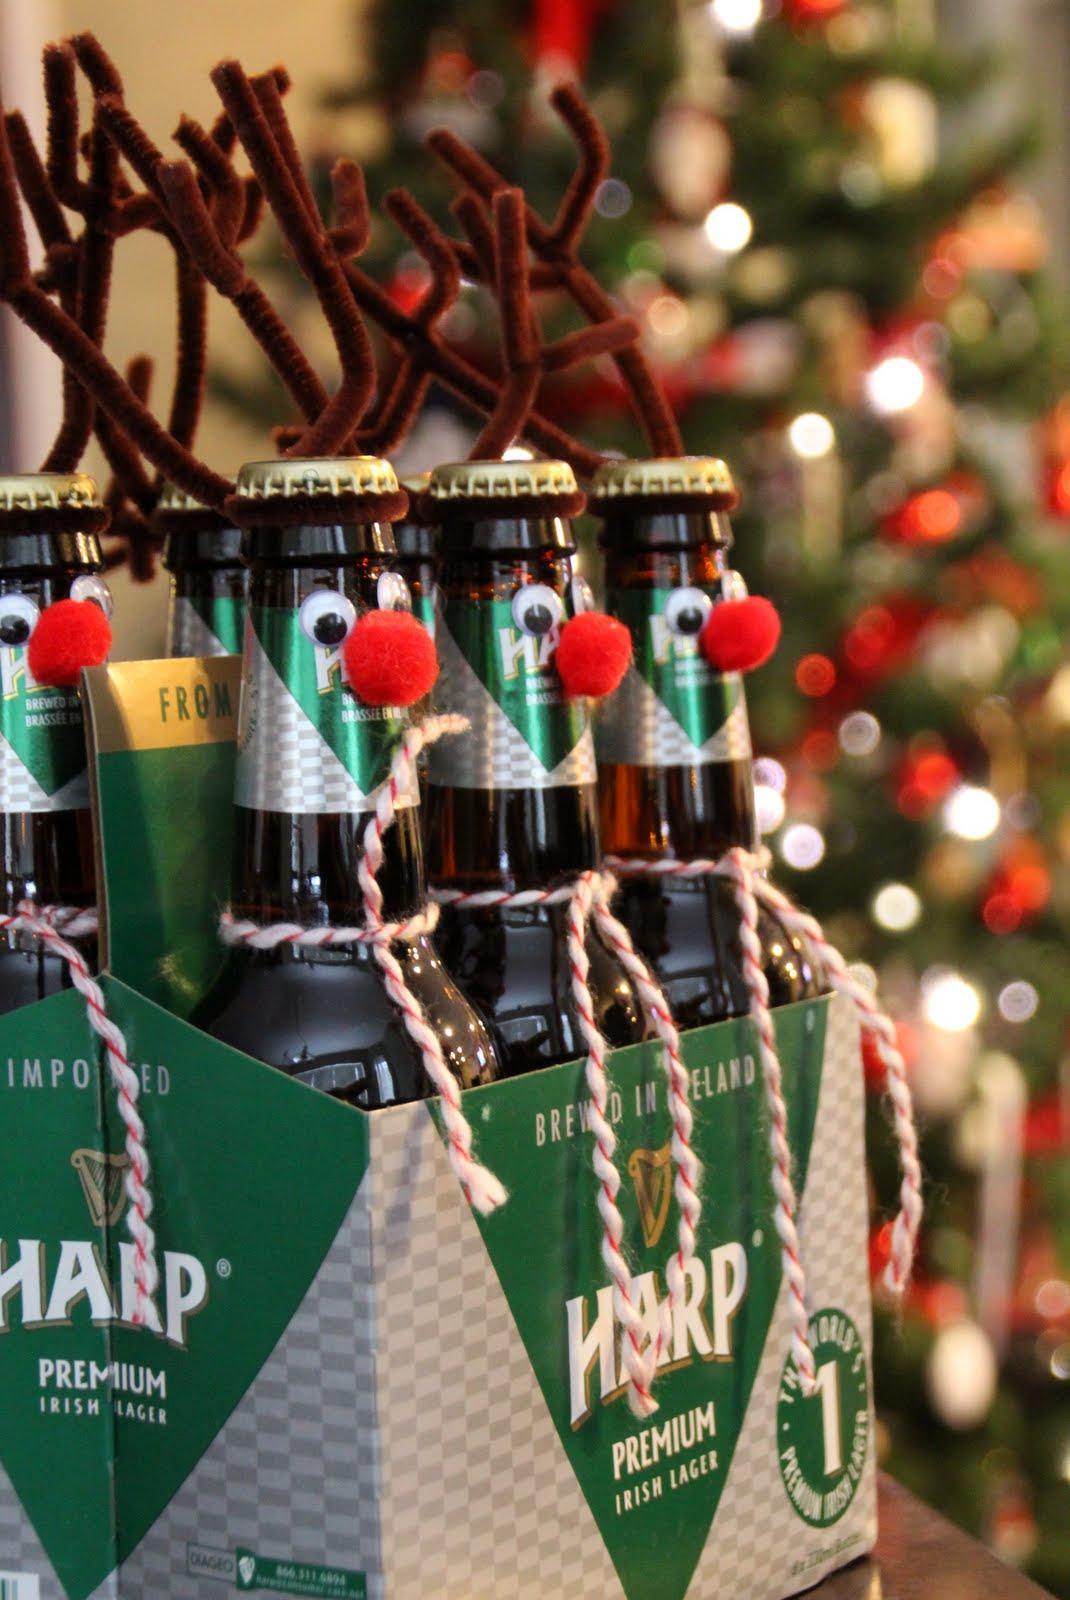 Imagination Station: Reindeer beer gift for guys